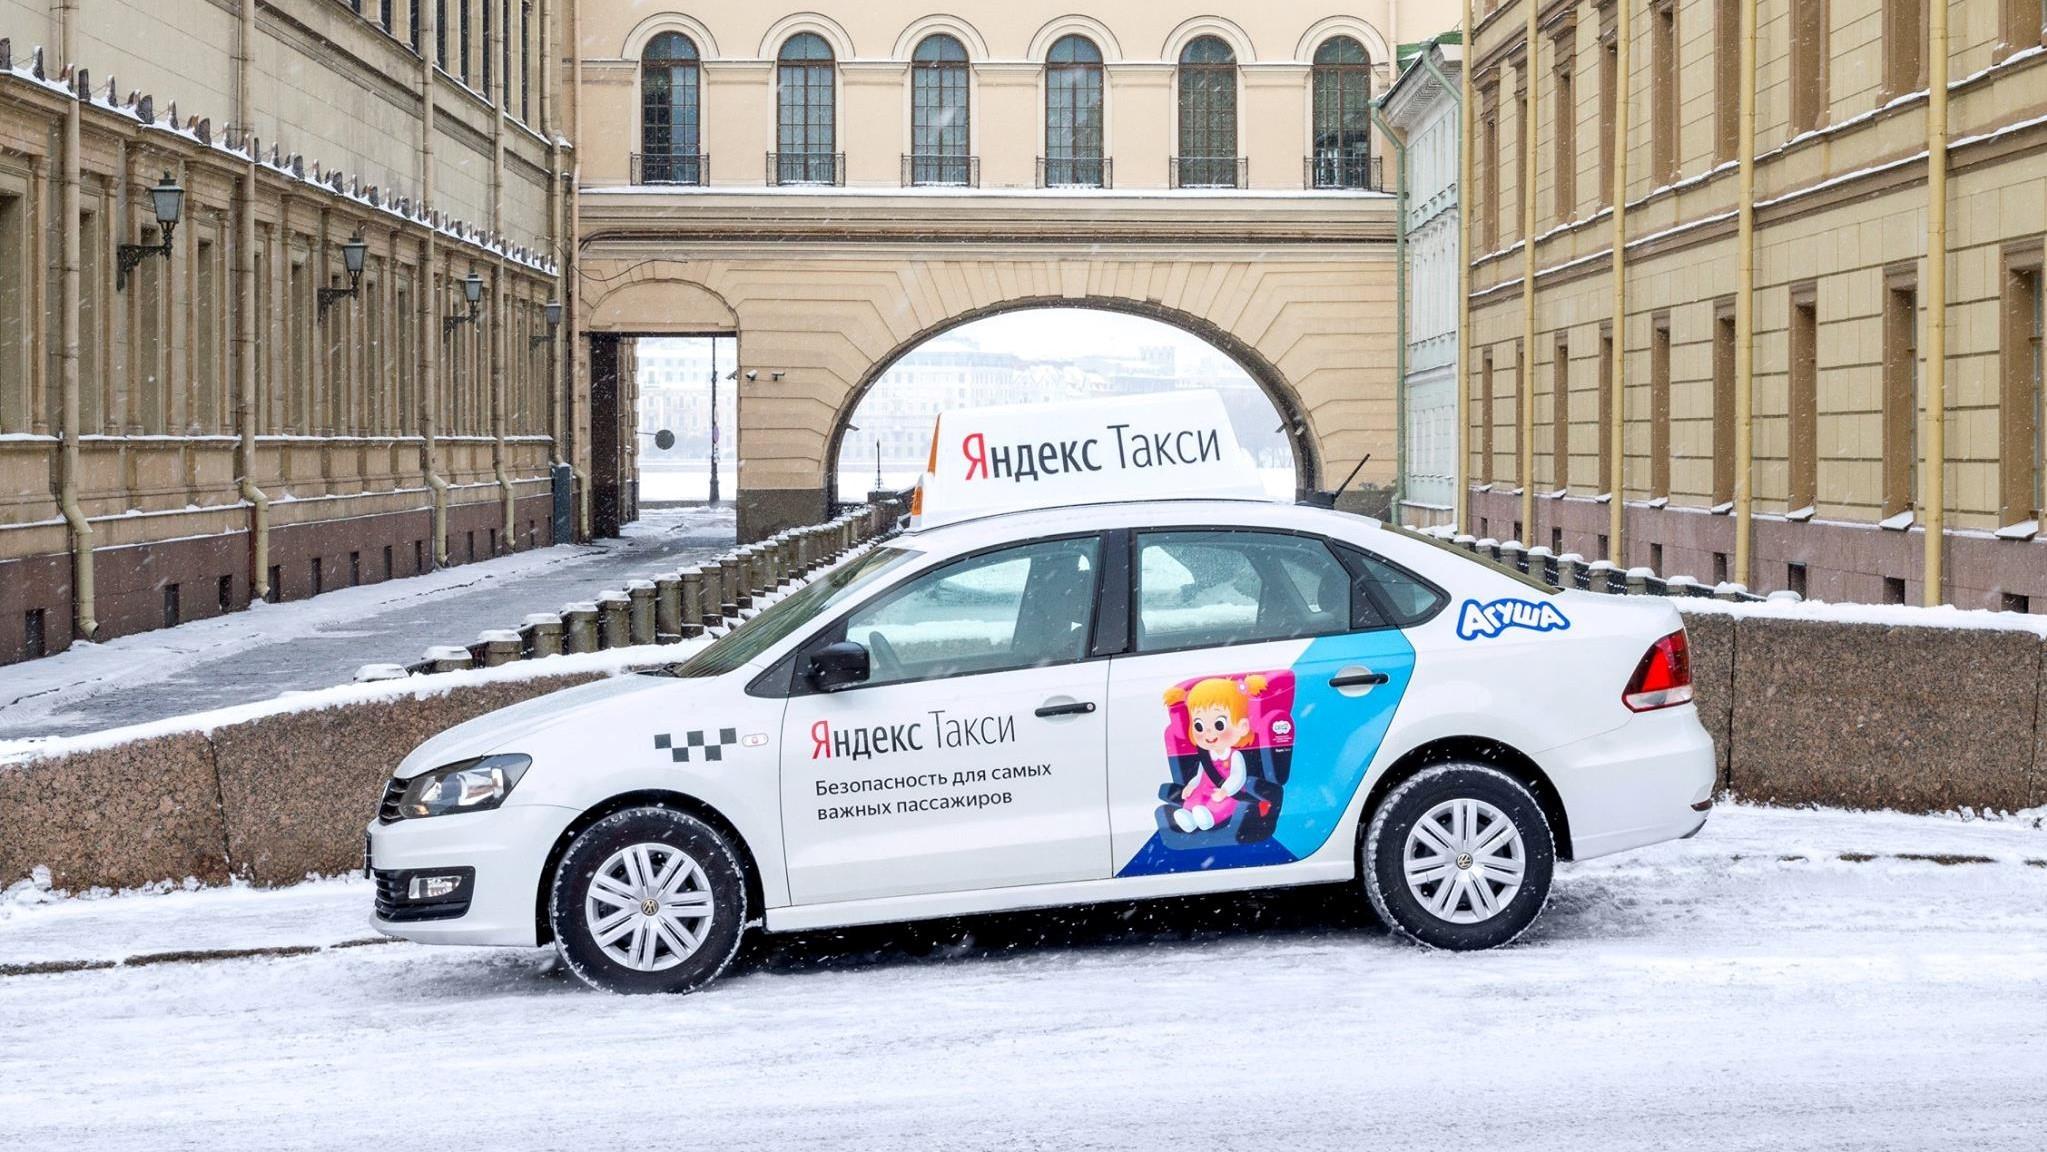 «Яндекс.Такси» будет автоматически отслеживать усталость водителей